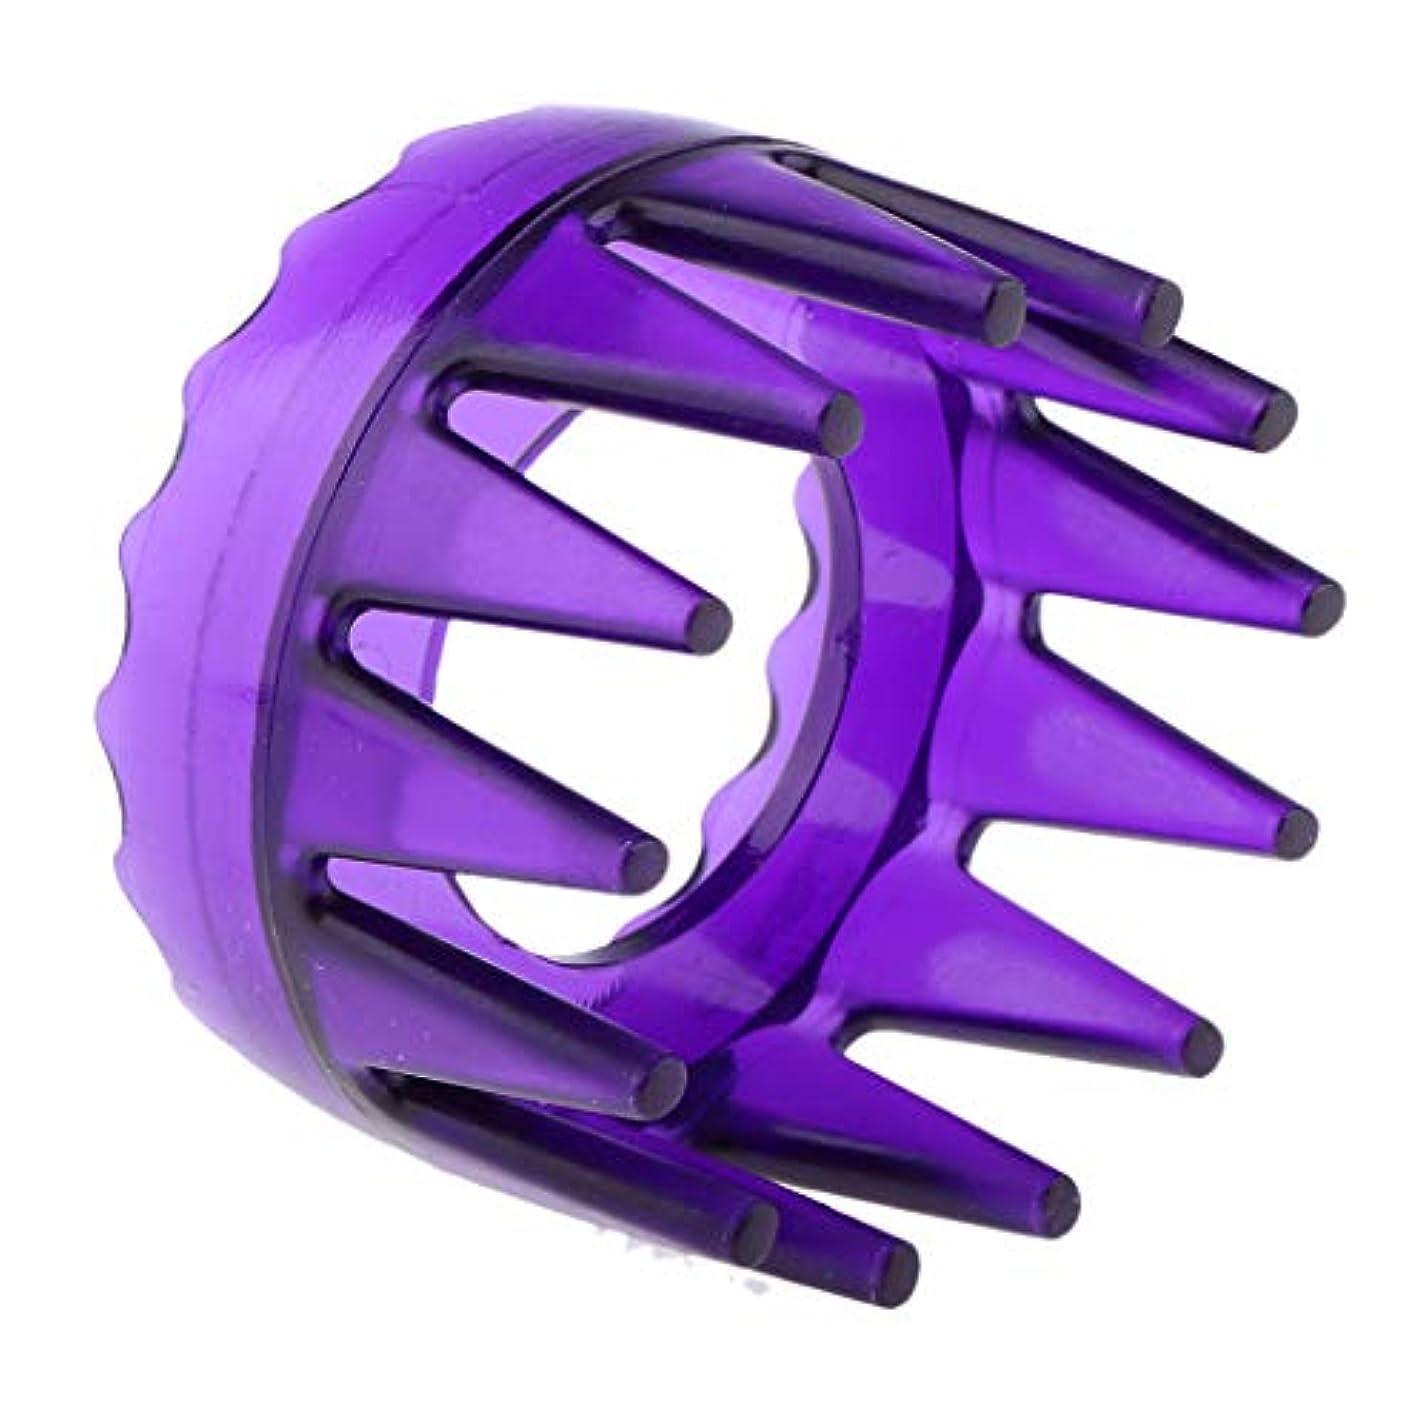 評価する一回スロベニアB Blesiya 頭皮マッサージ シャワー シャンプー ヘアブラシ マッサージャー櫛 ユニセックス 4色選べ - 紫